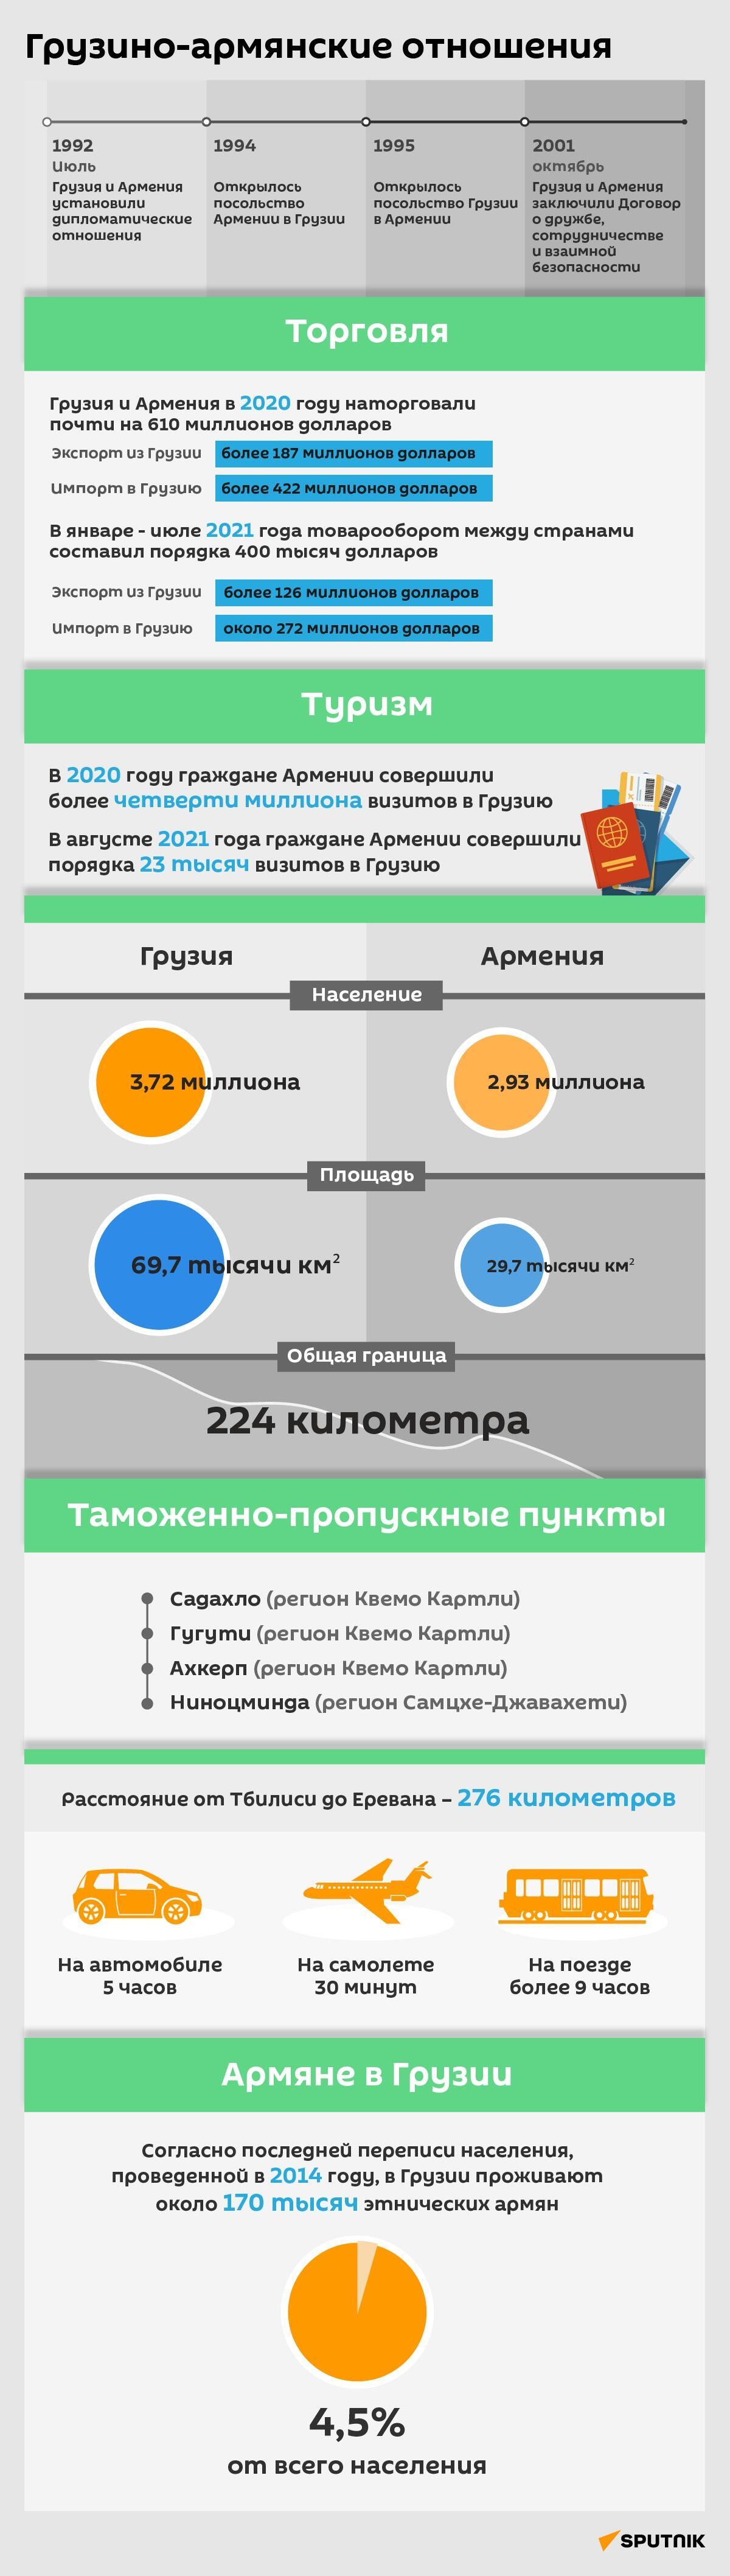 Грузино-армянские отношения 2021 - инфографика - Sputnik Грузия